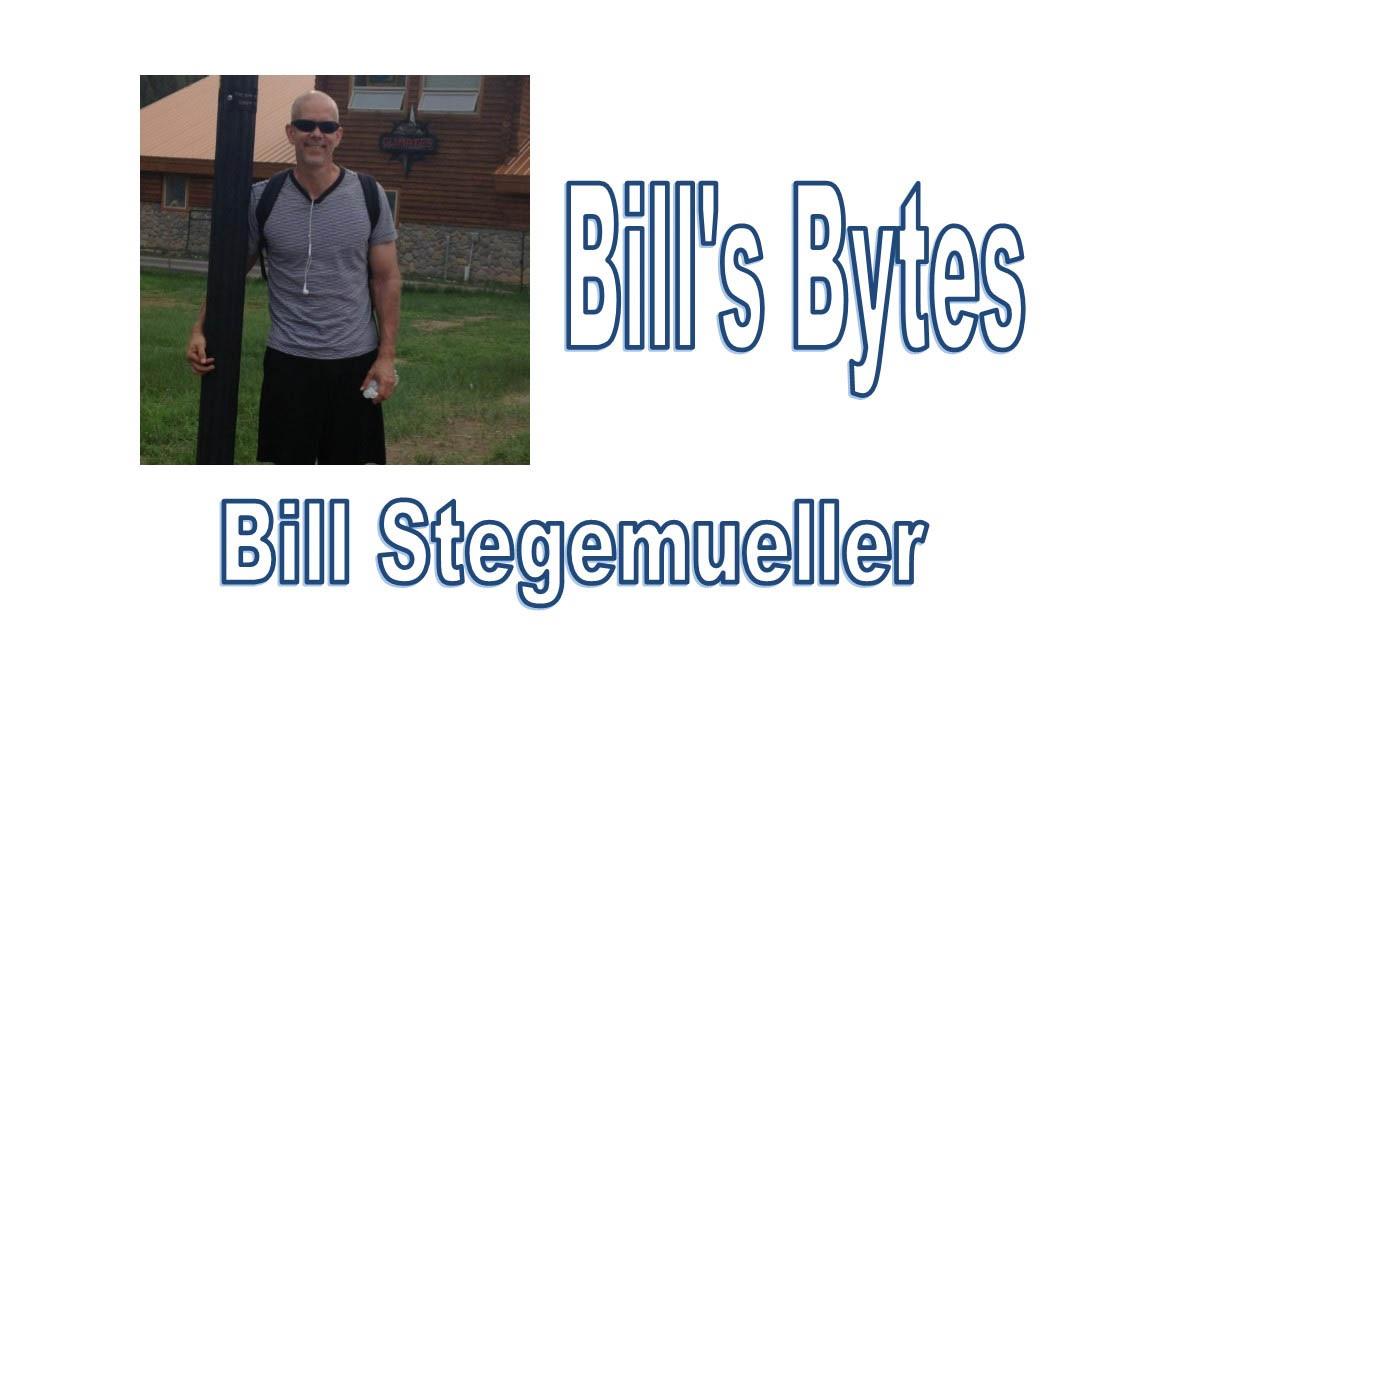 Bill's Bytes